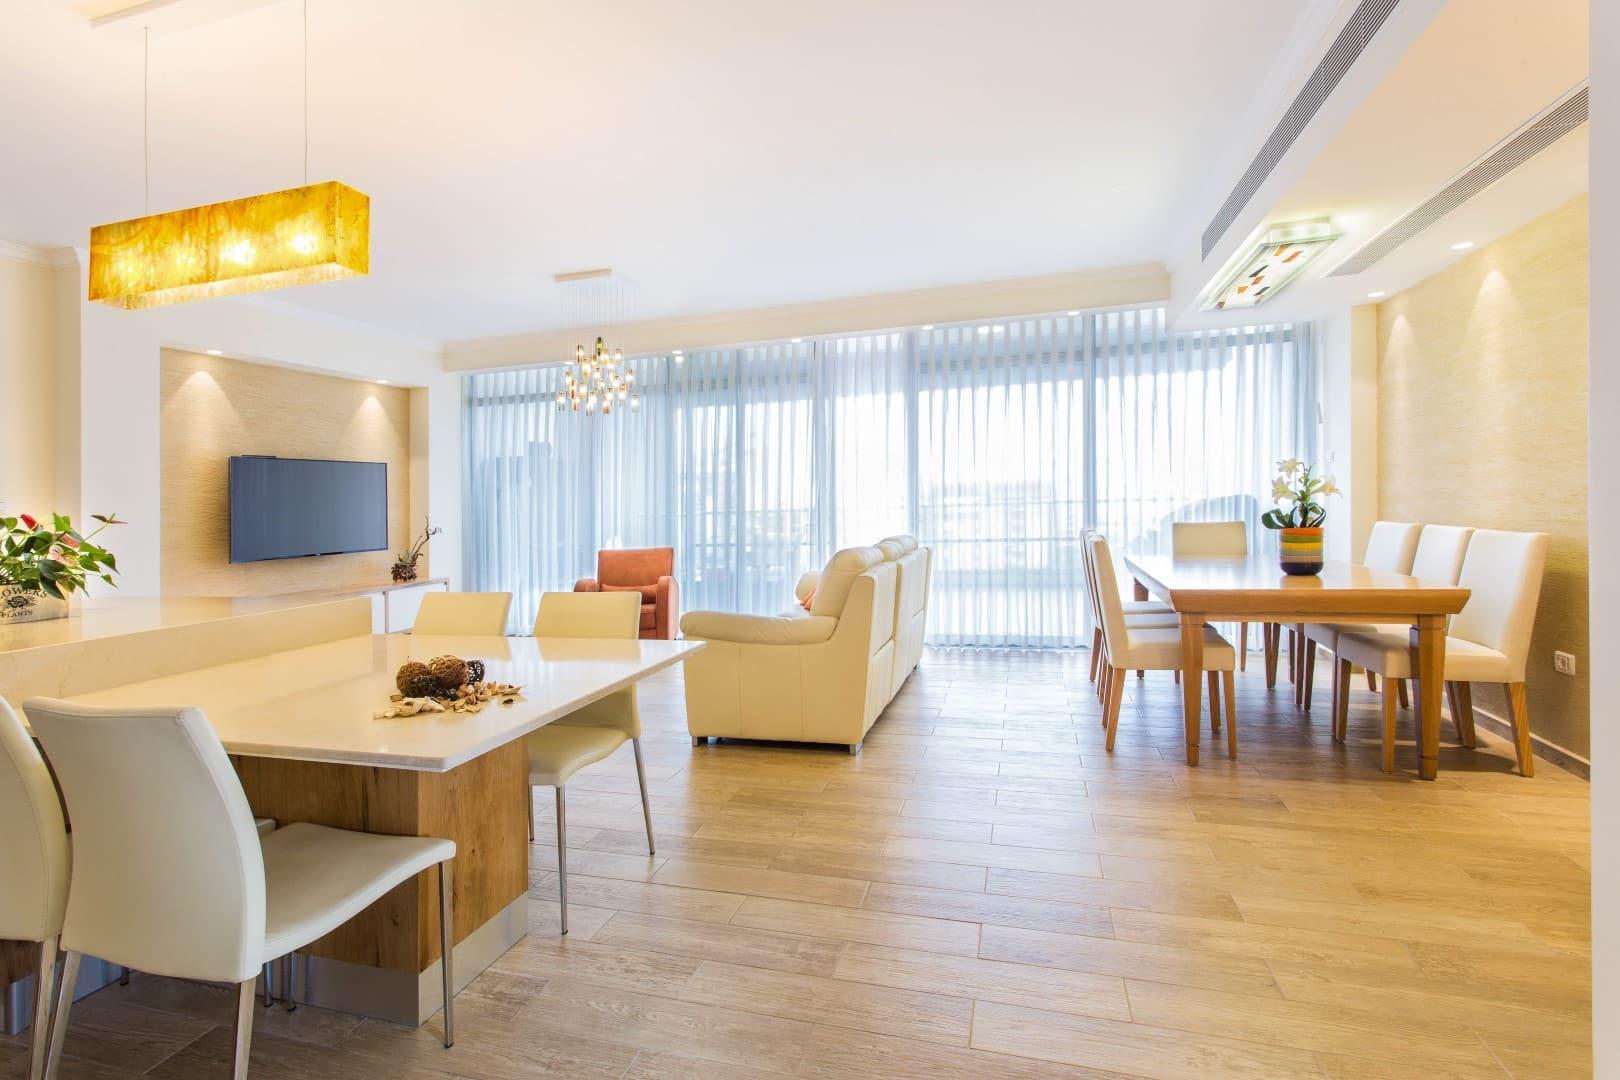 עיצוב דירה מקבלן, סלון בדירה ברחובות, ענבל קרקו עיצוב פנים ופנג שואי